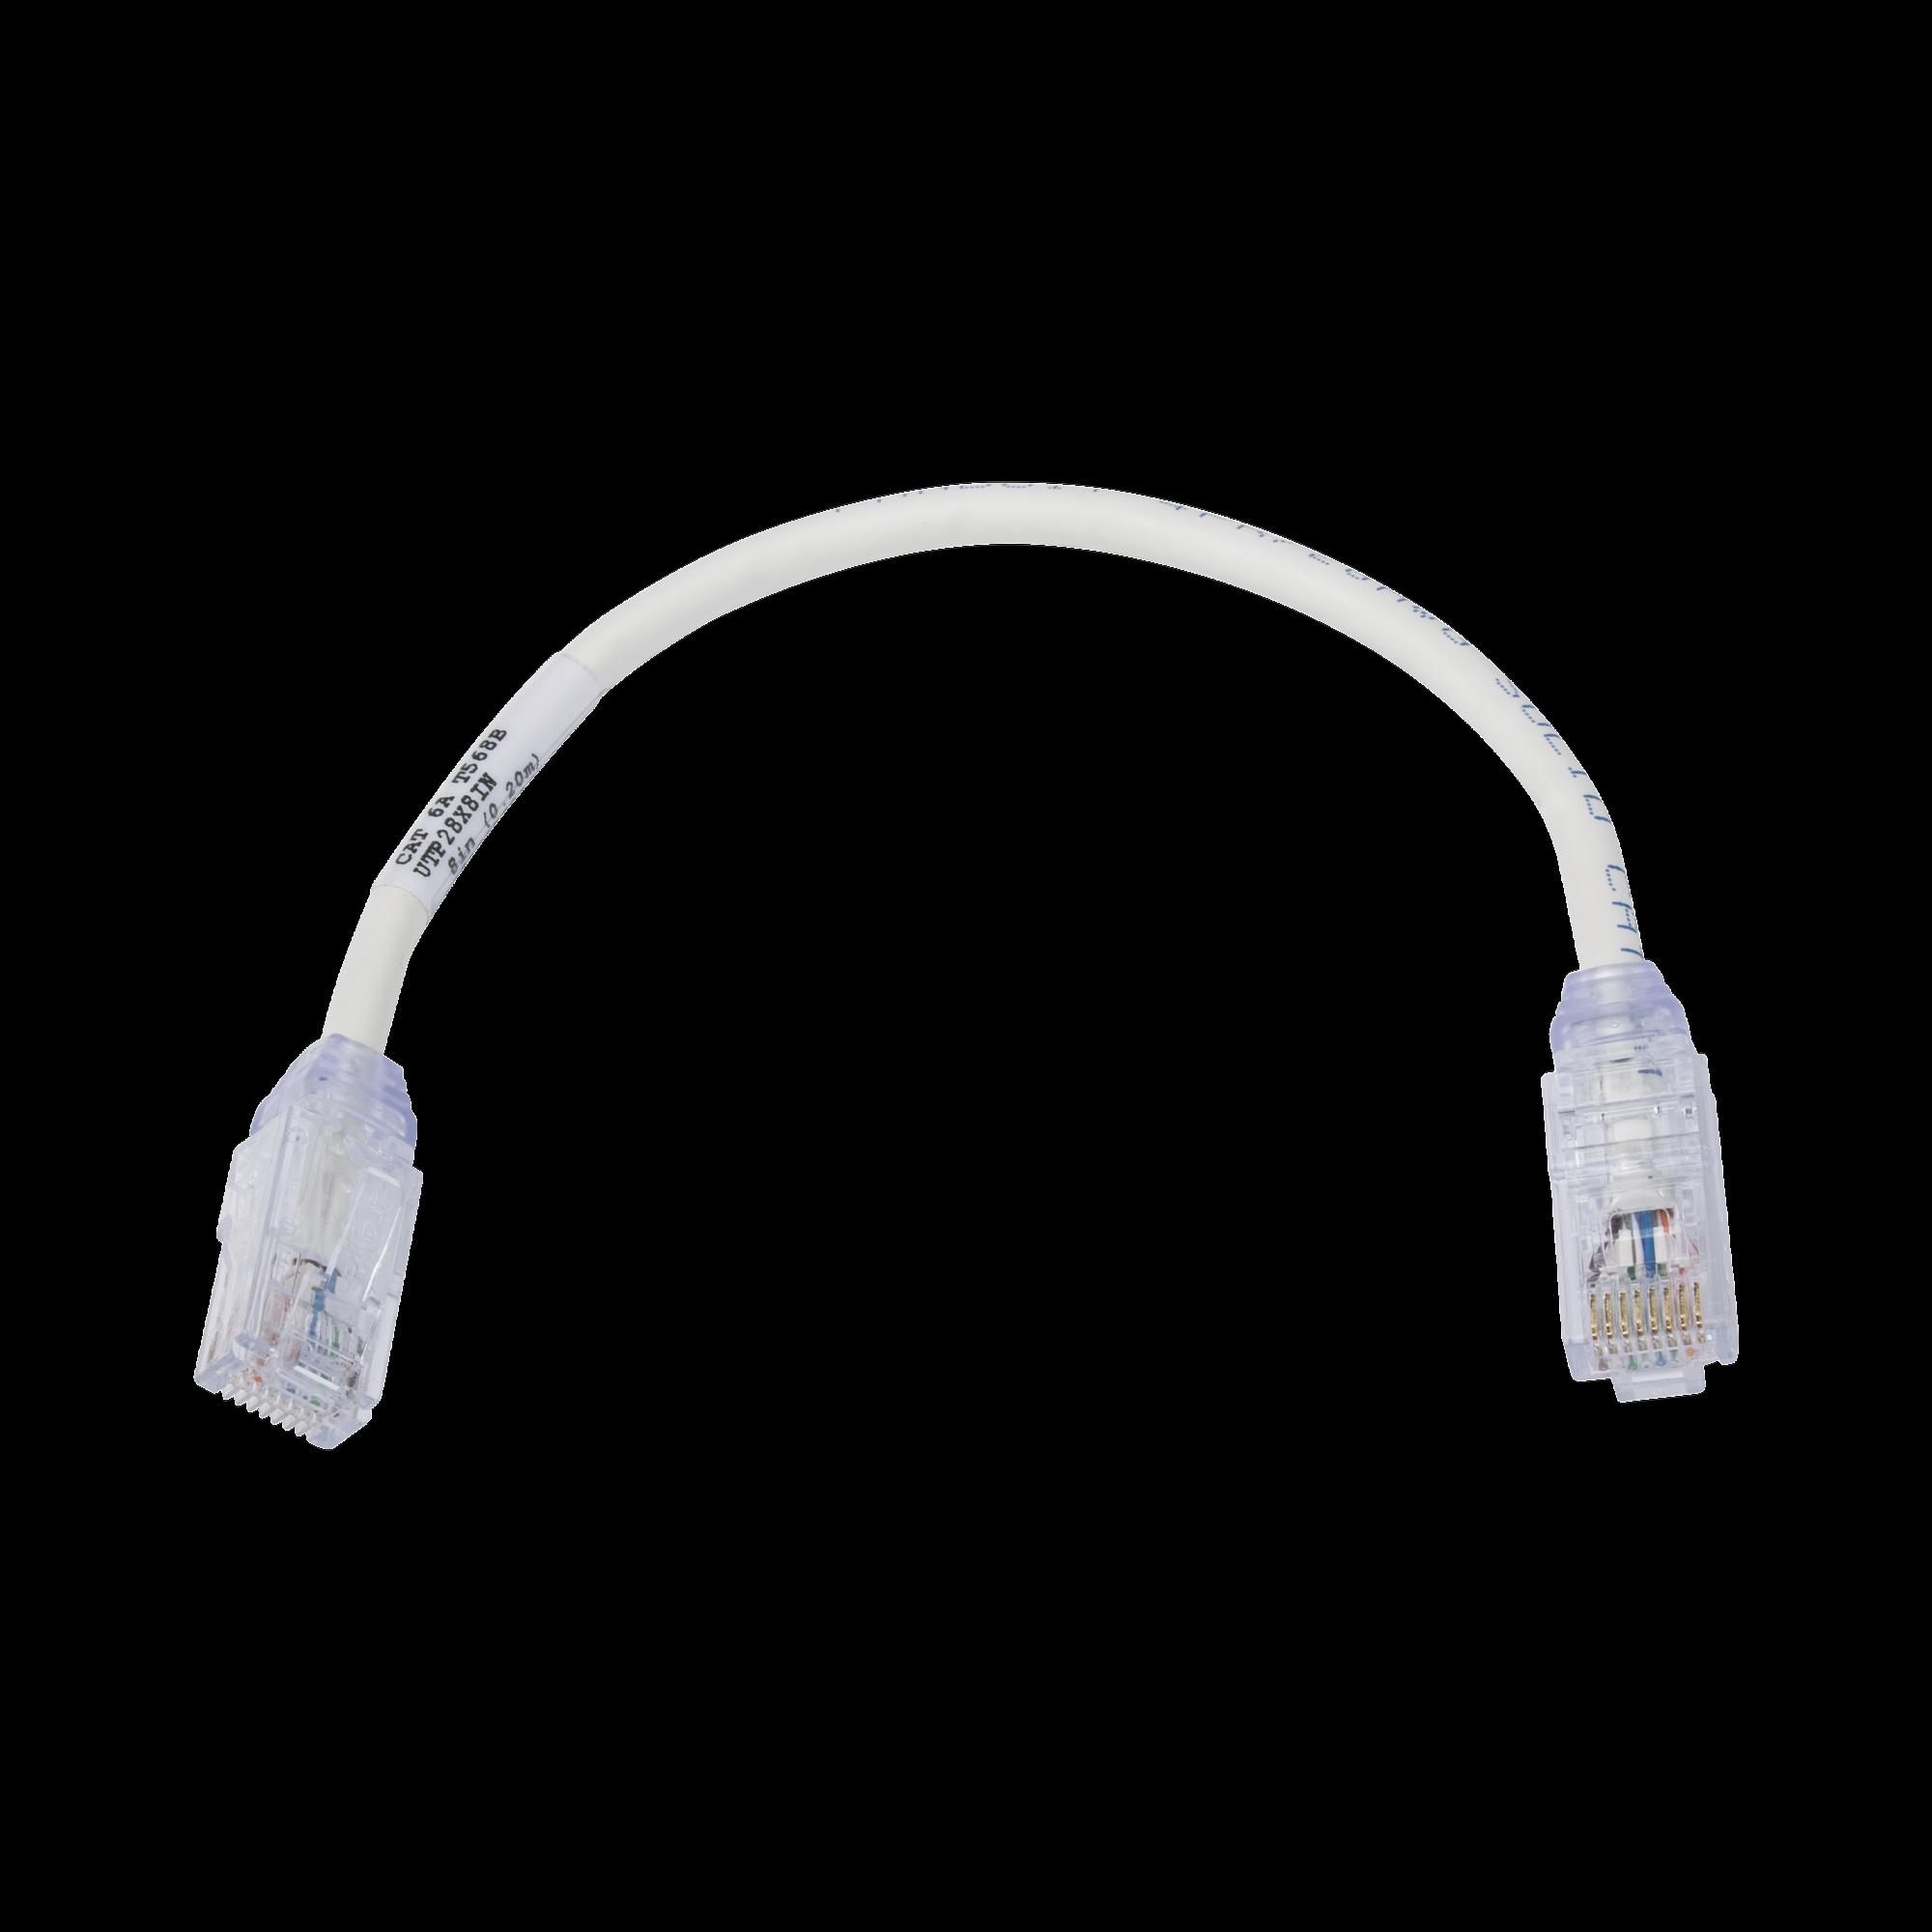 Cable de Parcheo UTP, Cat6A, Diámetro Reducido (28 AWG), CM/LSZH, Color Blanco Mate, 8in (20.3cm)